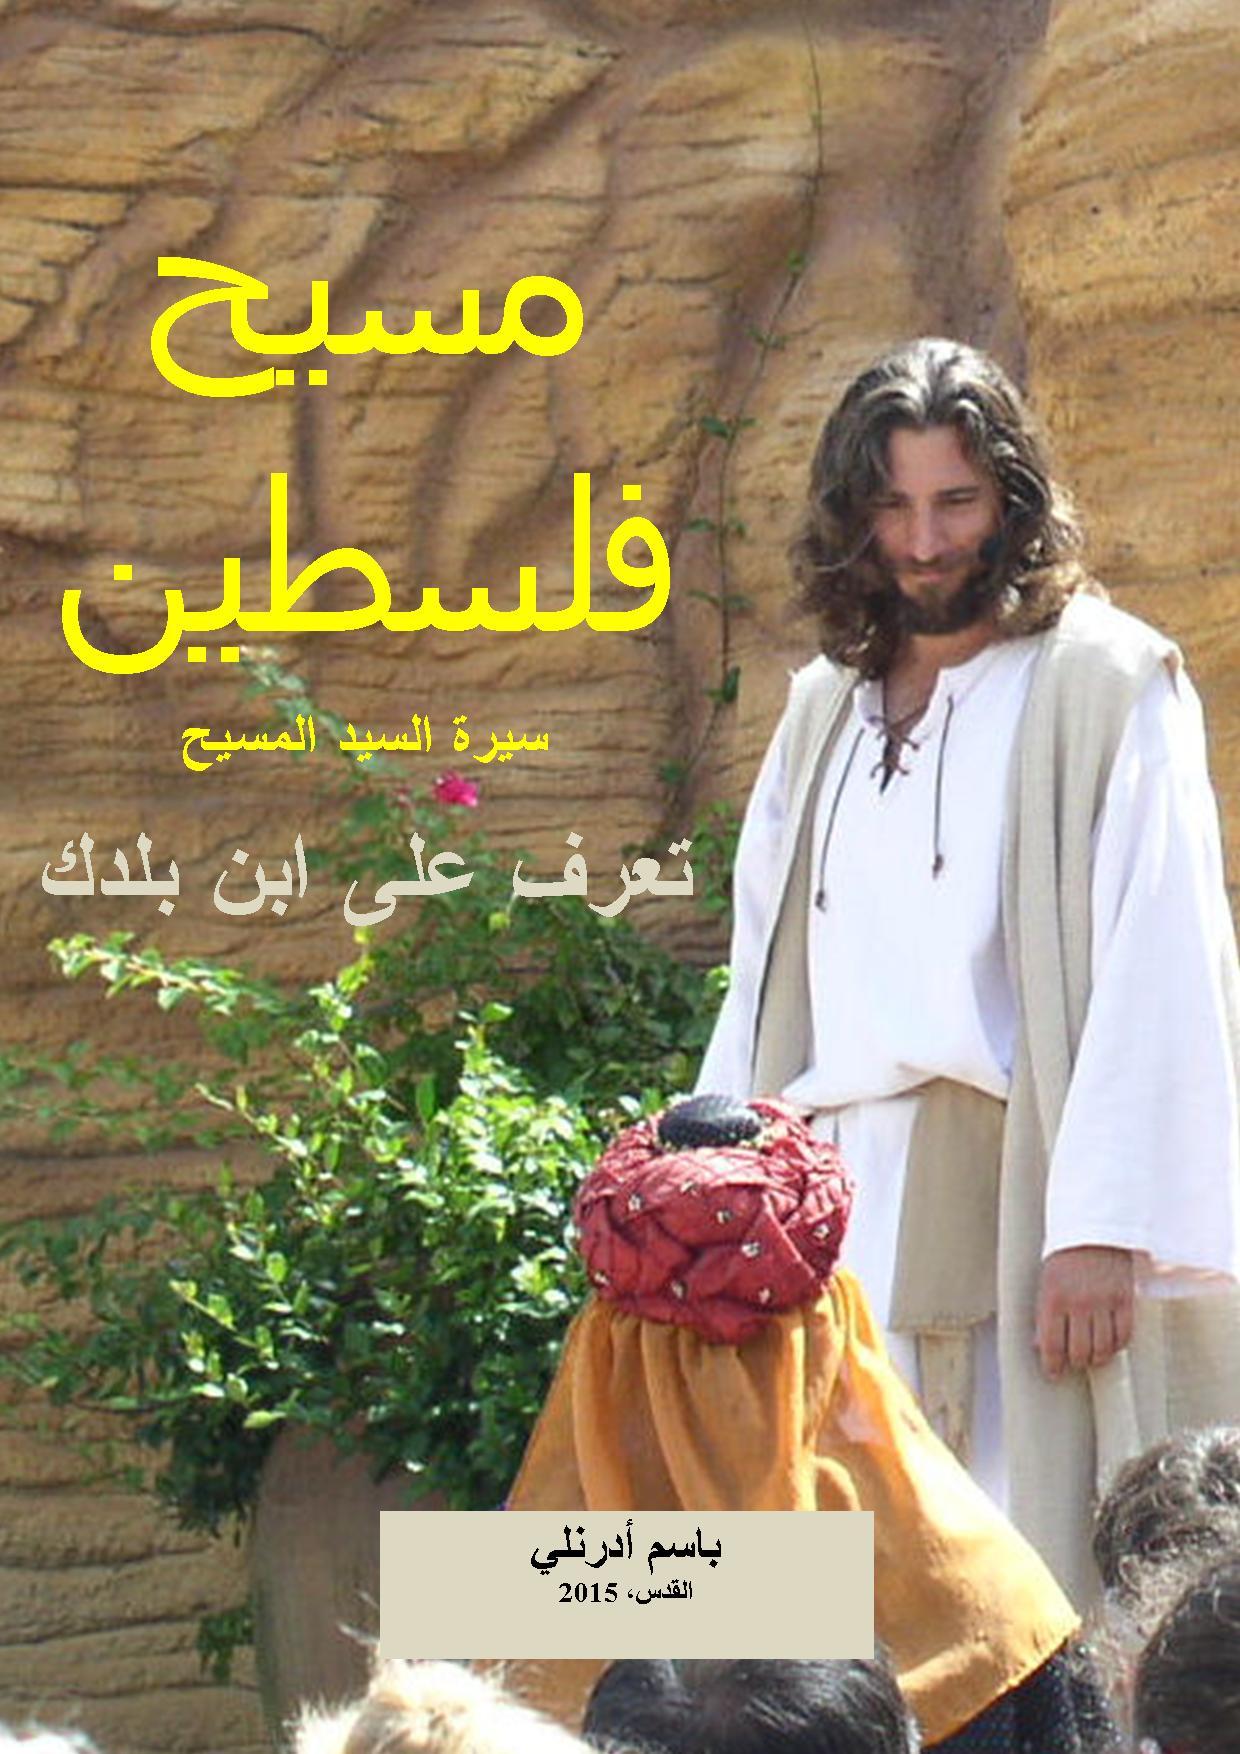 مغلف كتاب مسيح فلسطين